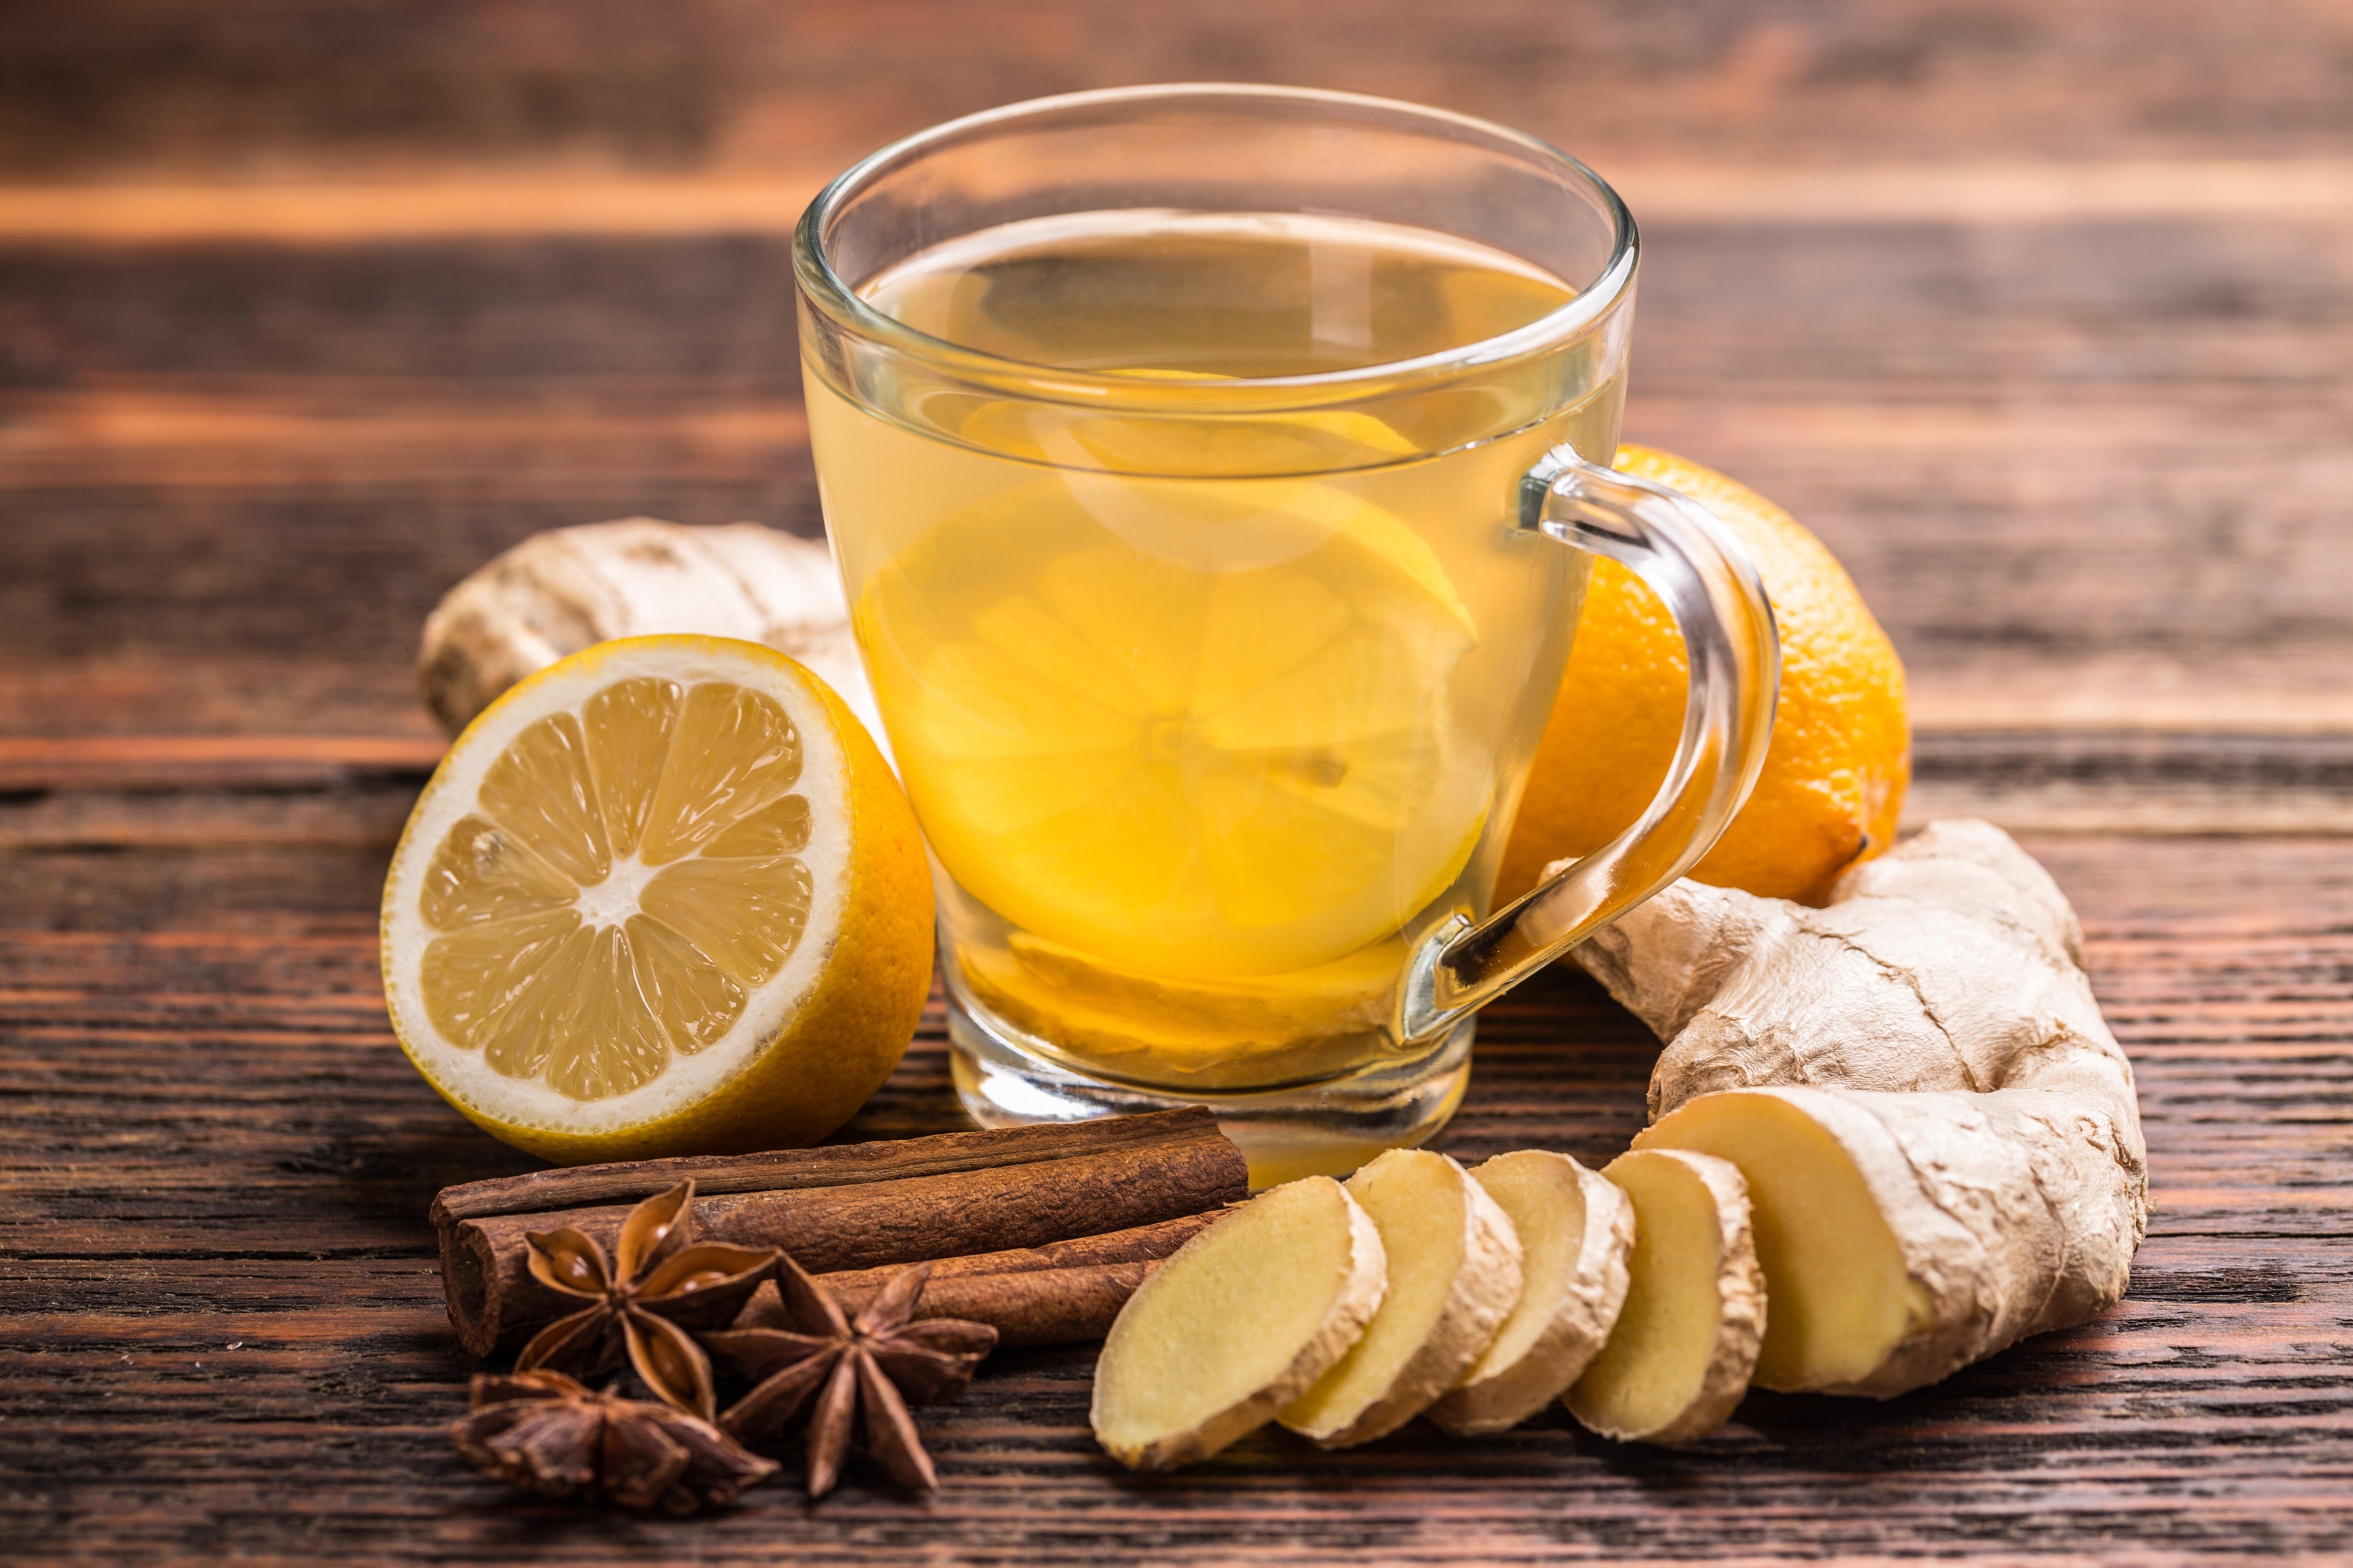 Похудеть Имбирным Чаем. Чай с имбирем для похудения: жгучая пряность на страже красоты